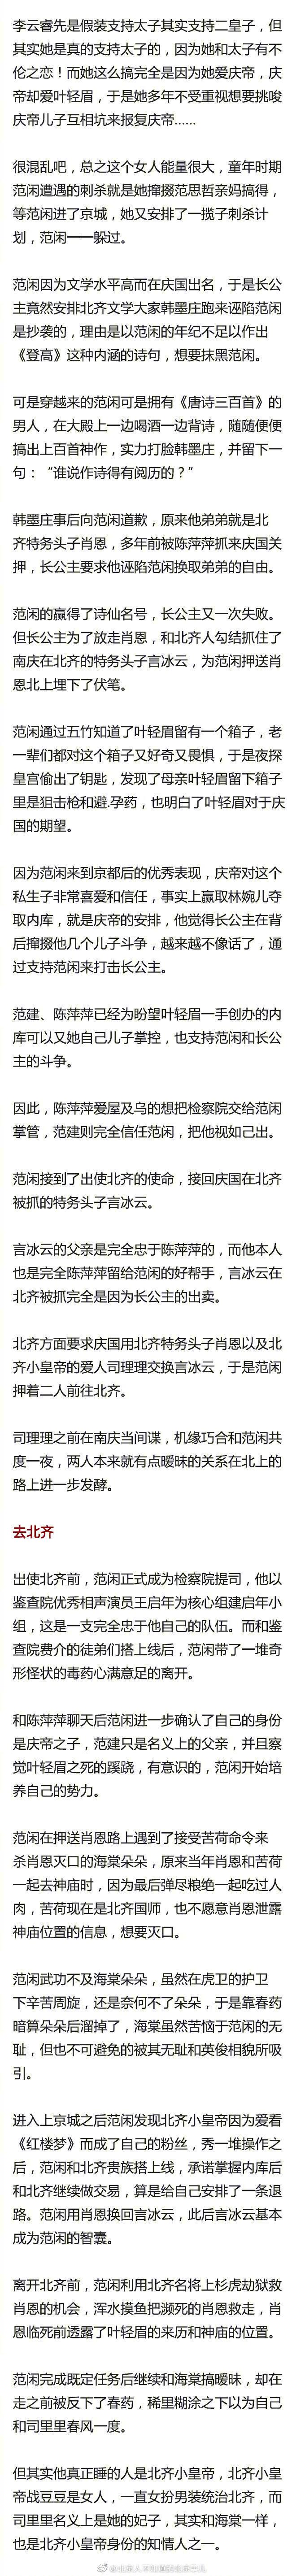 《庆余年》第二季剧本筹备中 剧透《庆余年》讲的是什么故事? liuliushe.net六六社 第6张